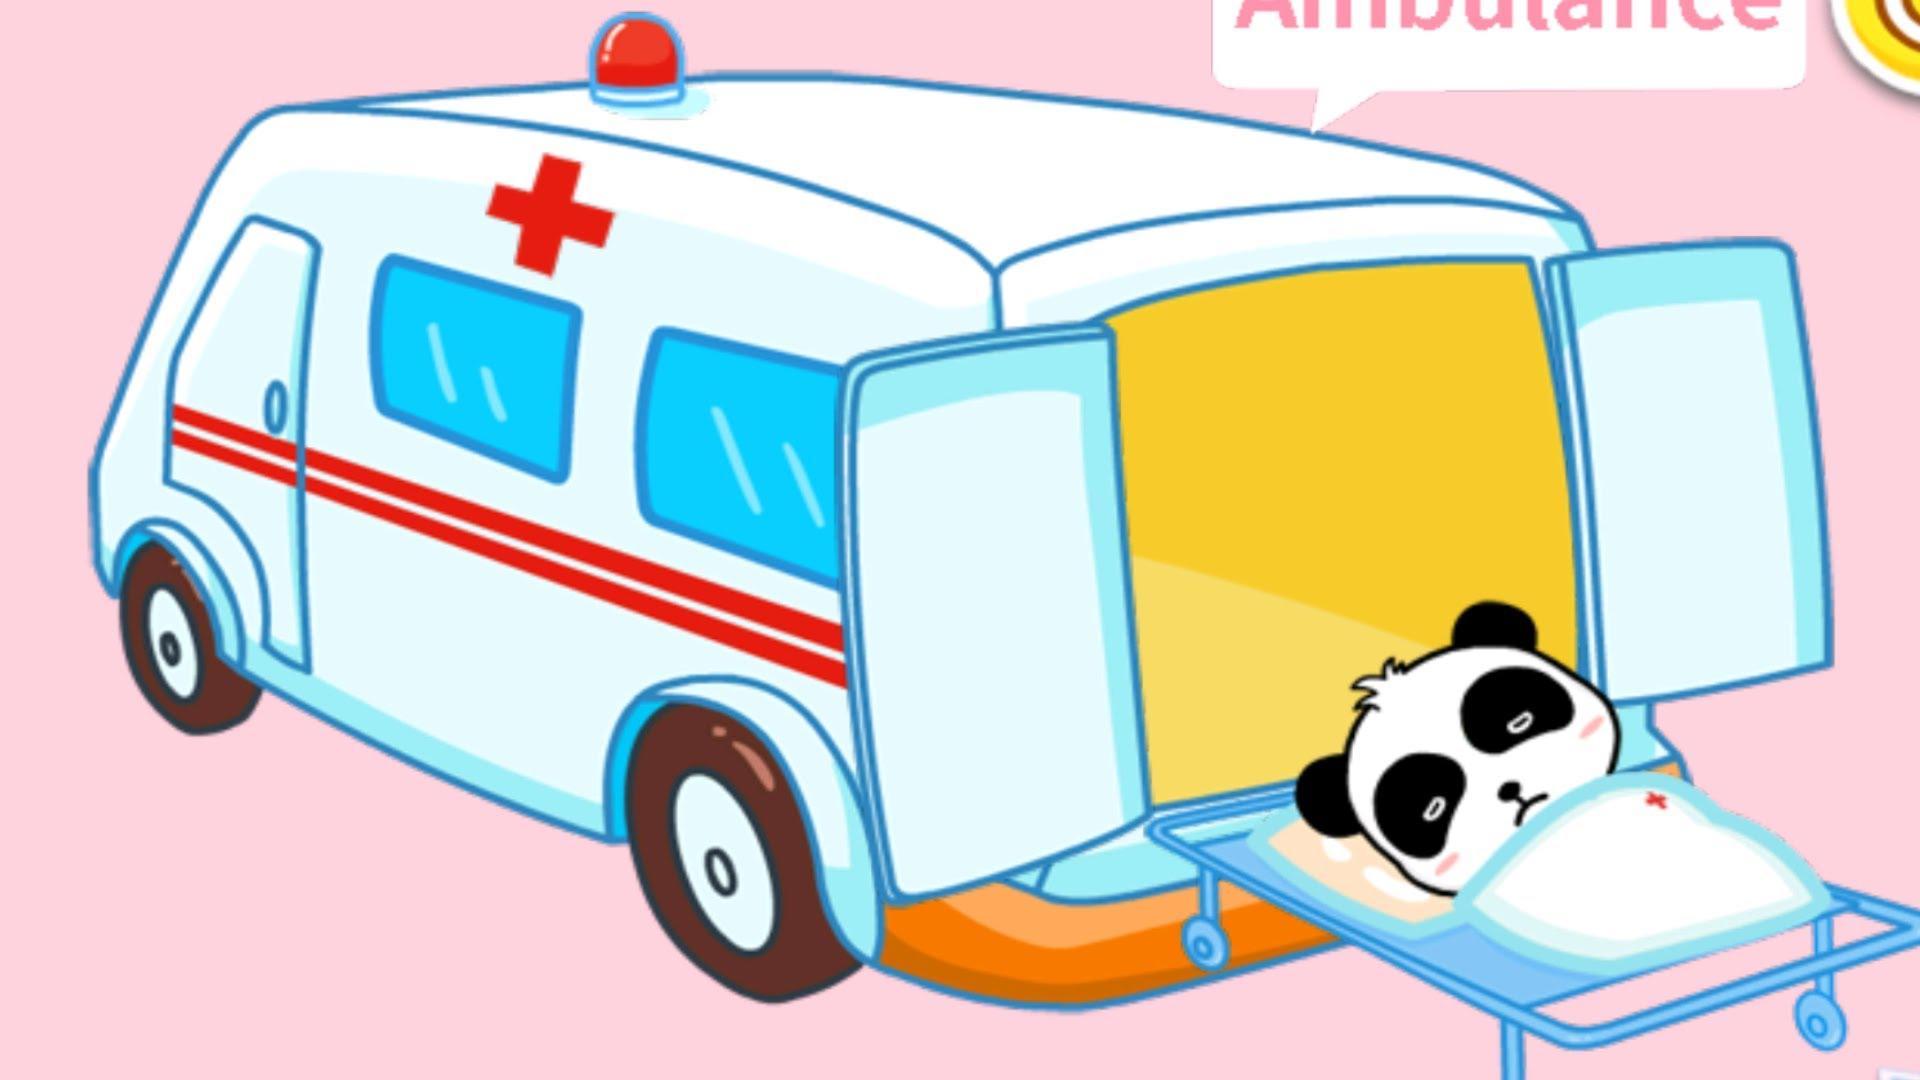 Ambulance clipart kid. Drawing at getdrawings com